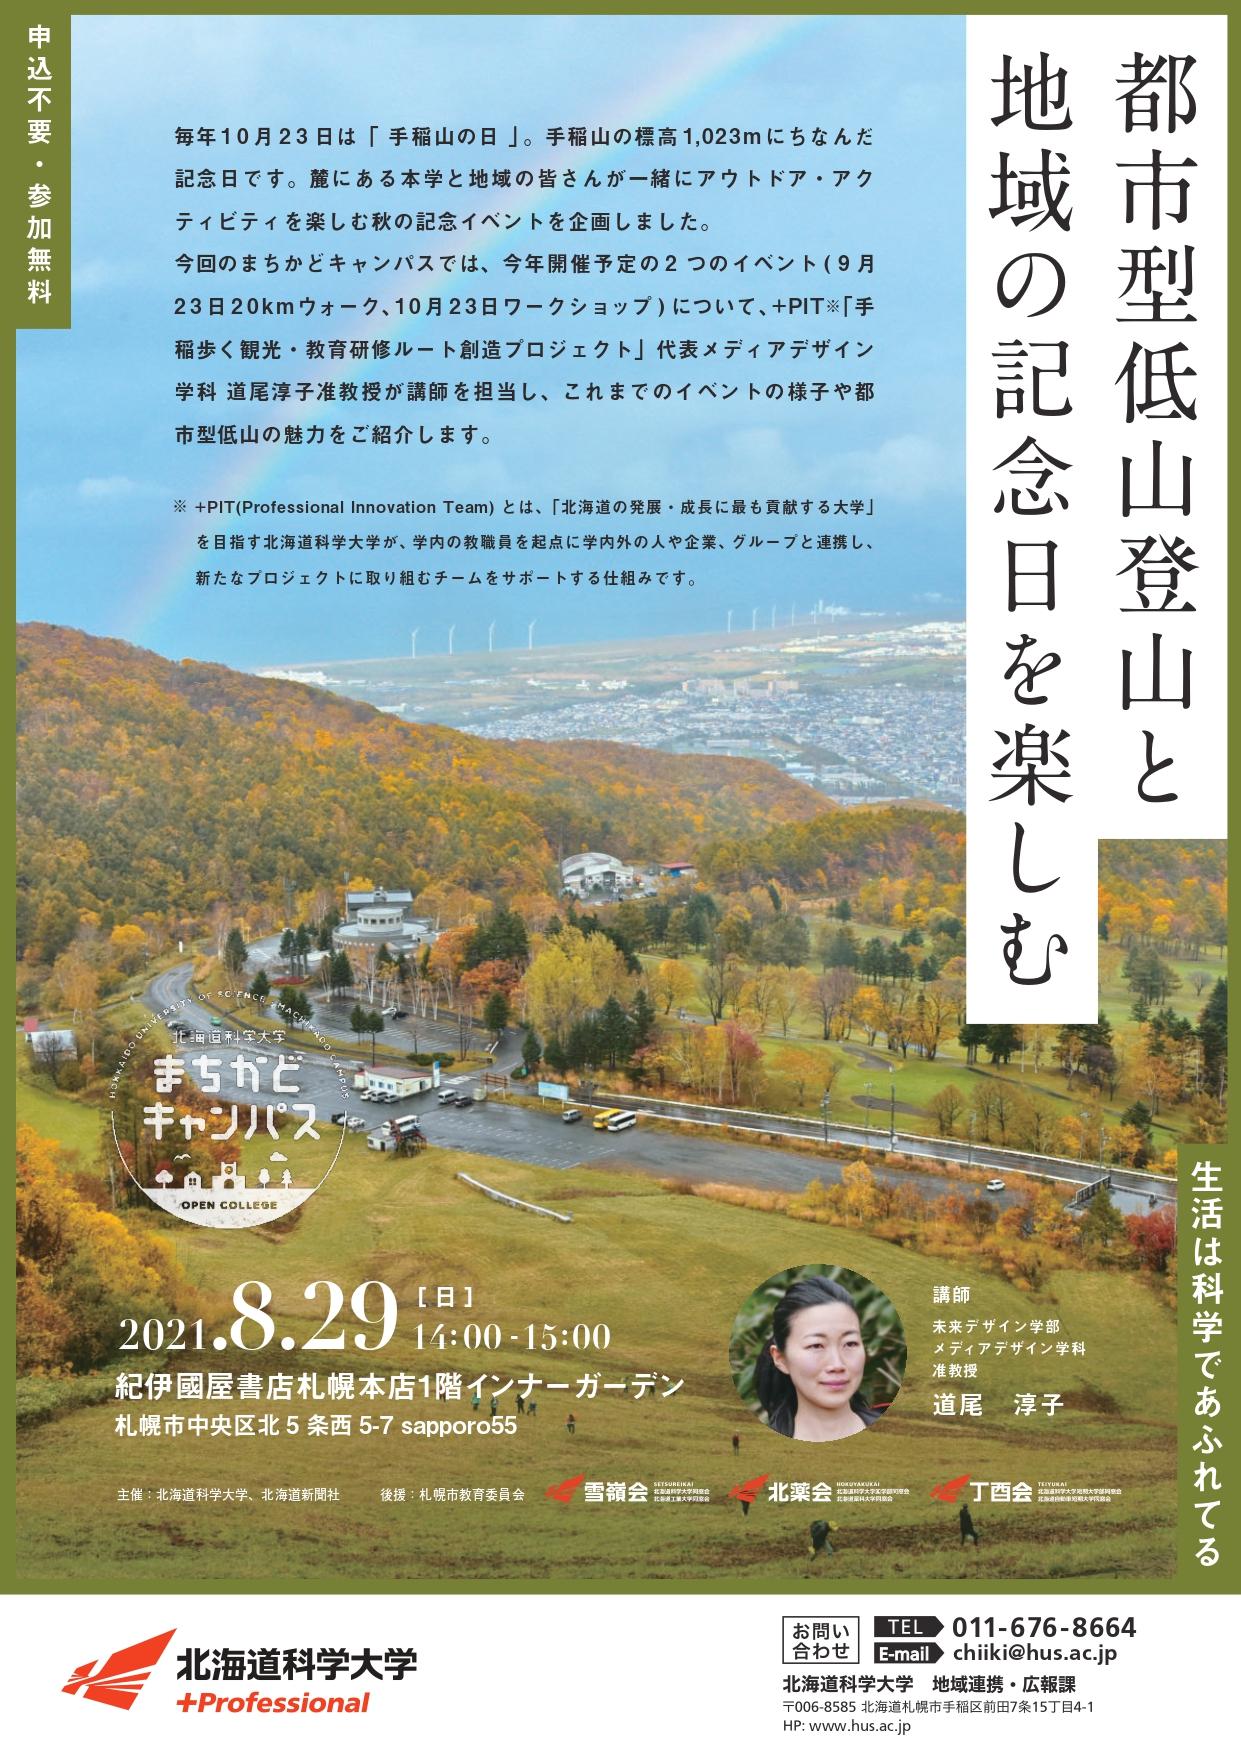 紀伊國屋書店:北海道科学大学まちかどキャンパス 「都市型低山登山と地域の記念日を楽しむ」